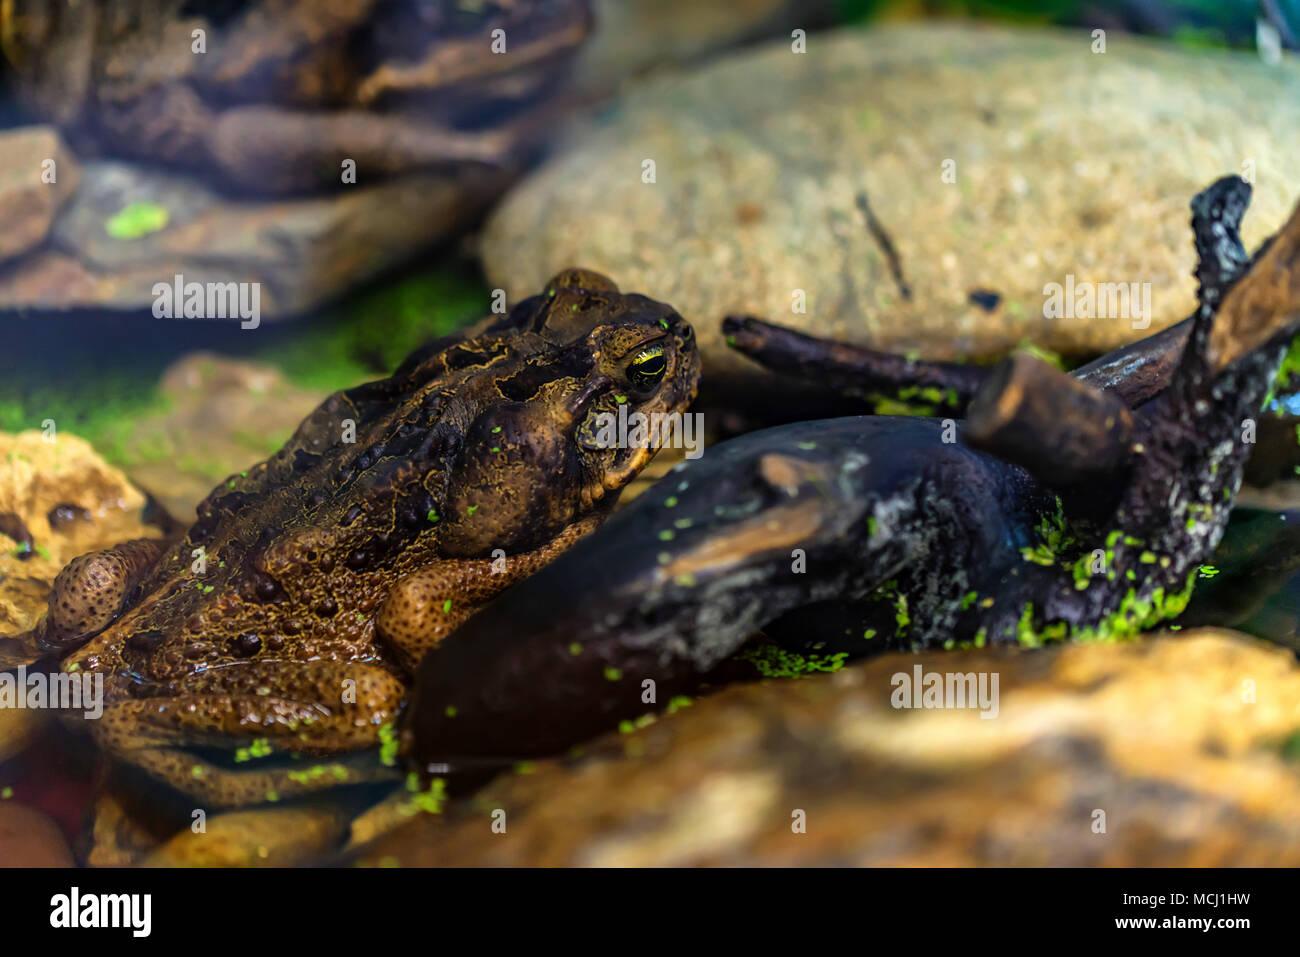 Cane toad or Rhinella marina close - Stock Image